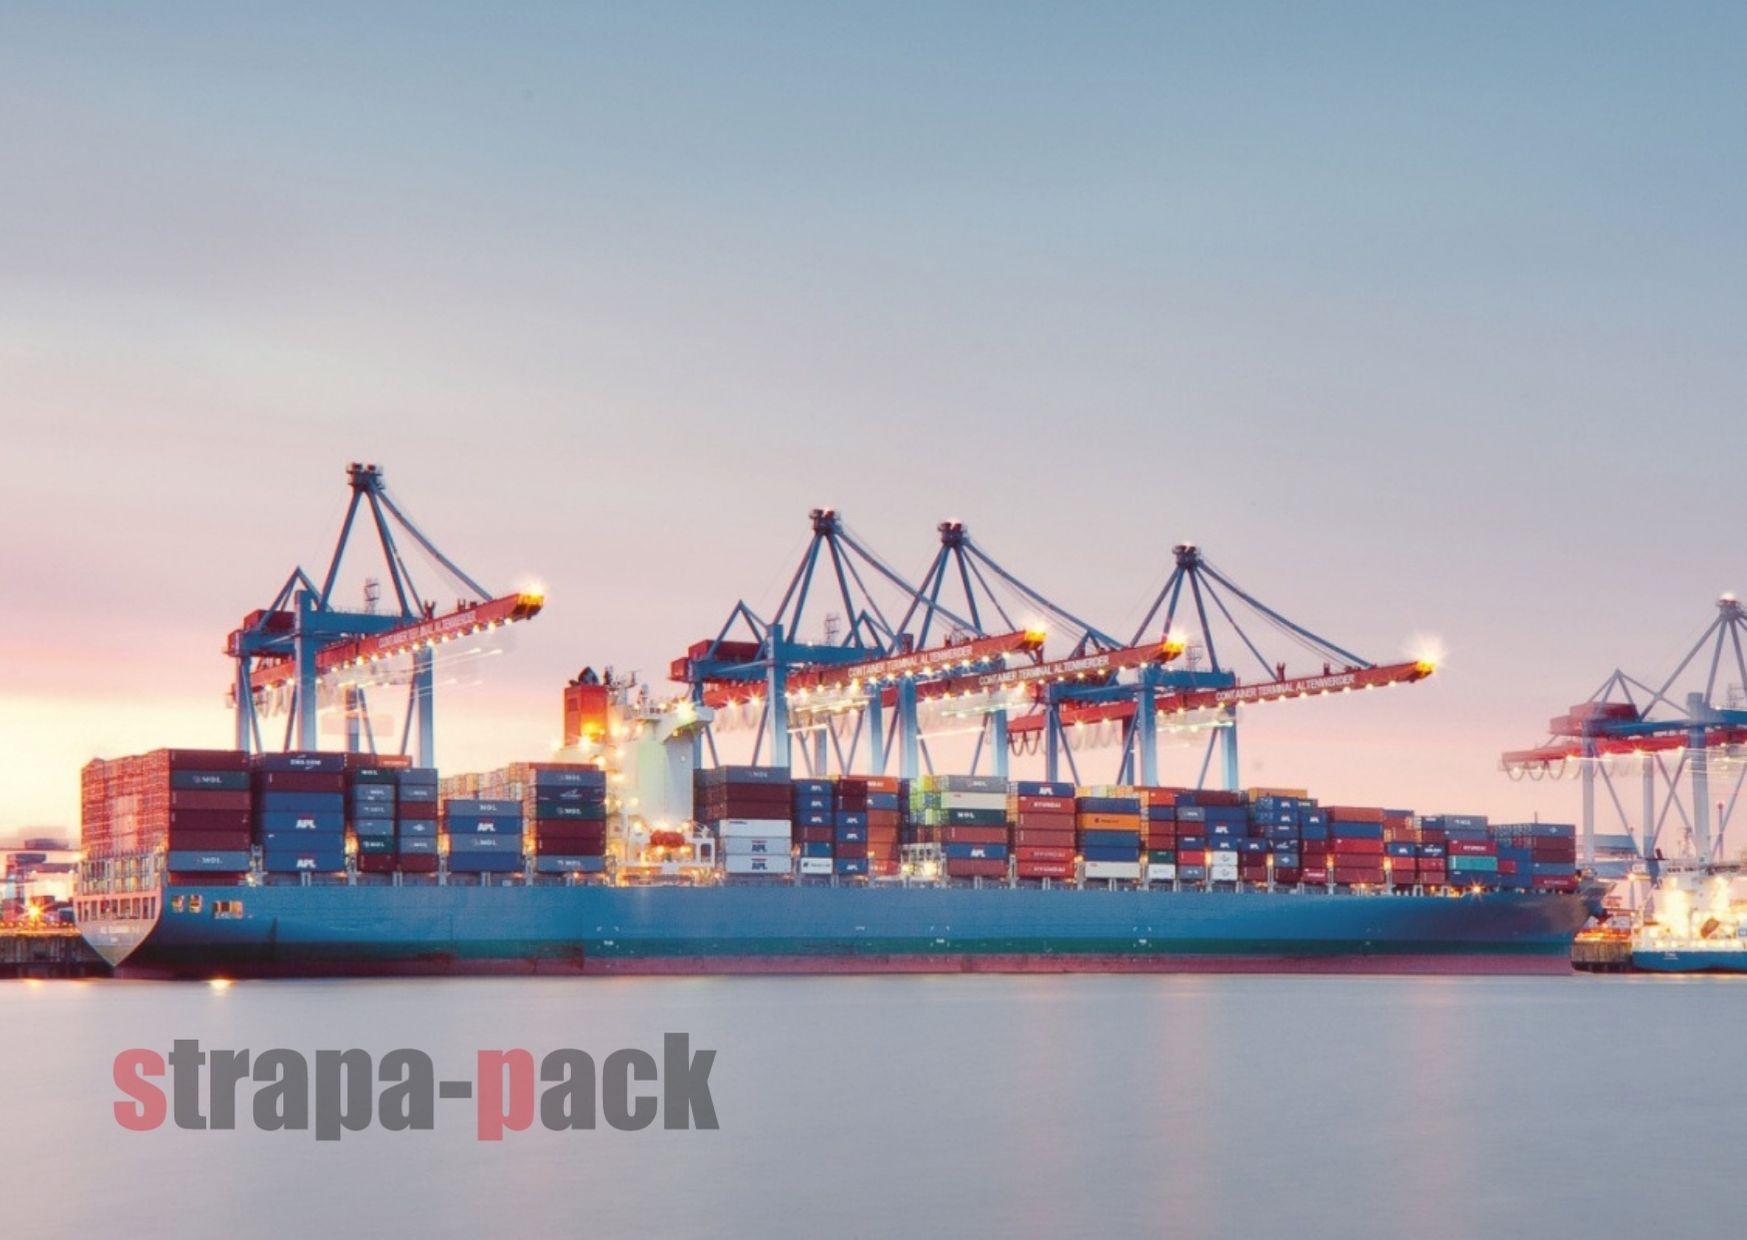 Egy fontos lépés, melyet exportőrként nem szabad kihagynia: A konténerek rakodásának ellenőrzése